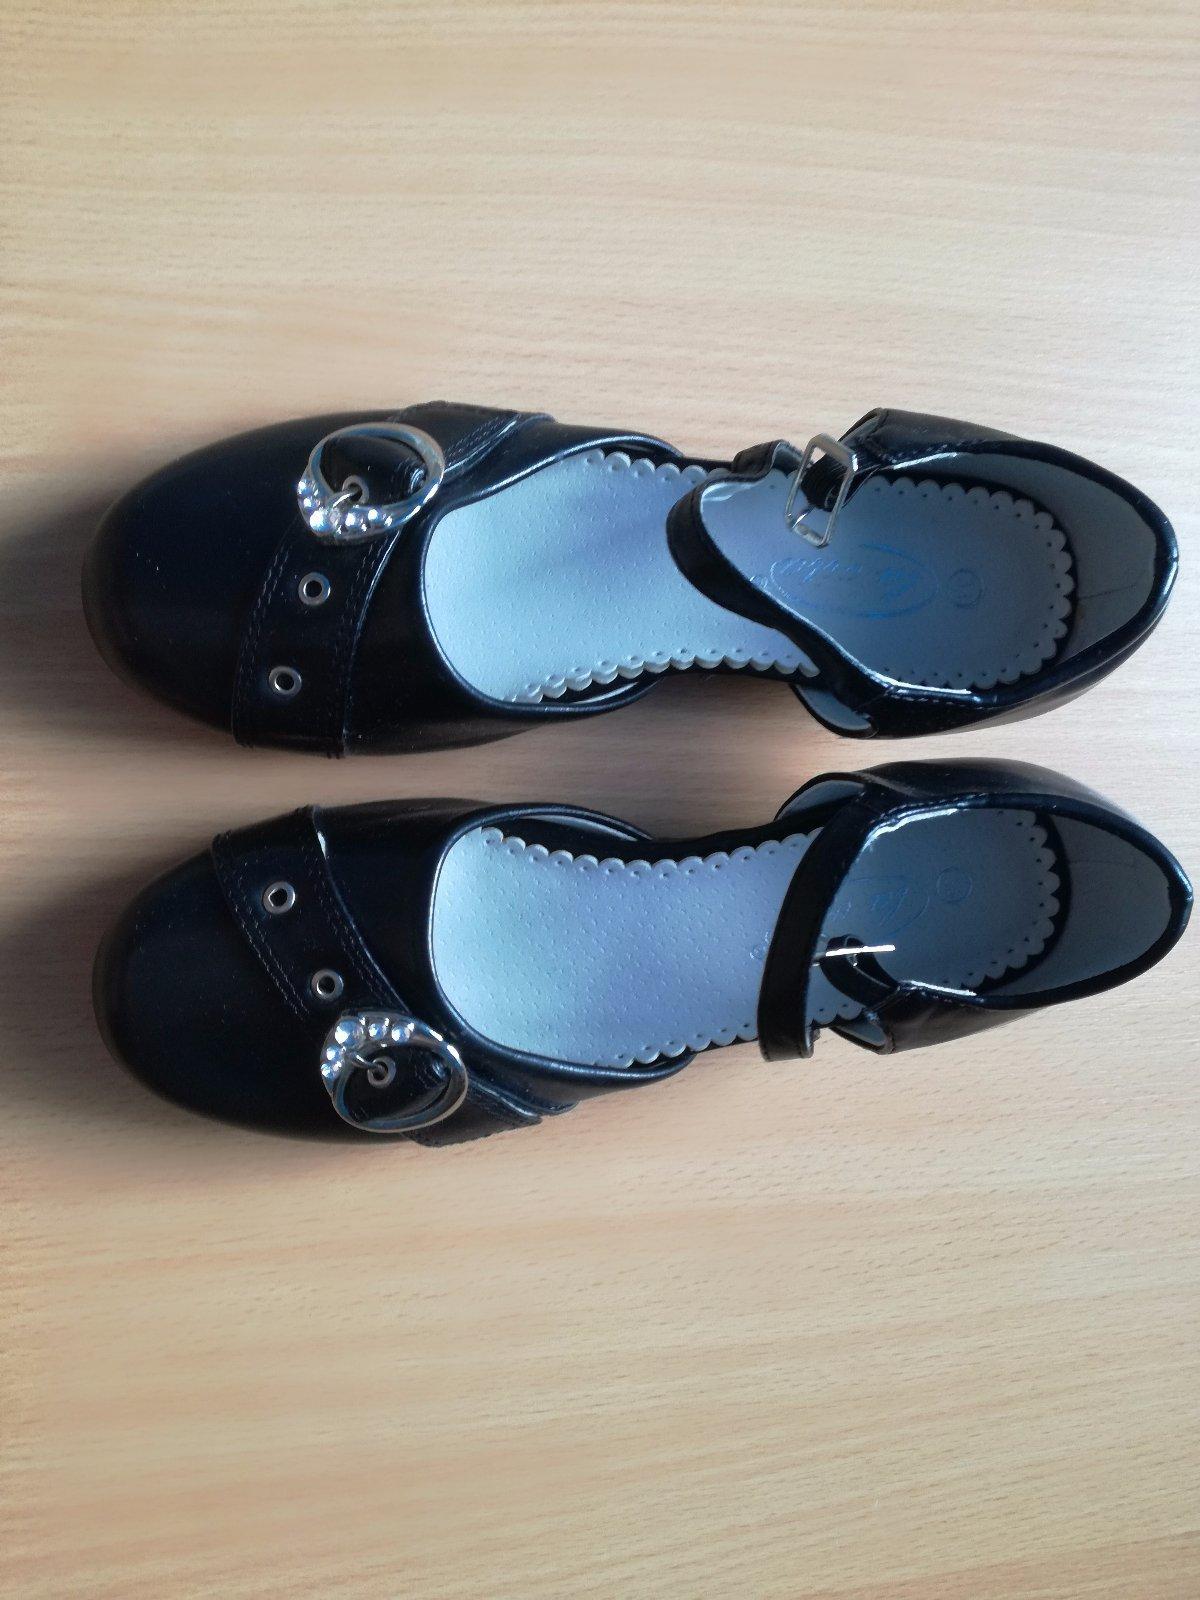 12ec3dc25fd8a Dievčenské spoločenské topánky, john garfield,33 - 7 € od predávajúcej  margiano | Detský bazár | ModryKonik.sk